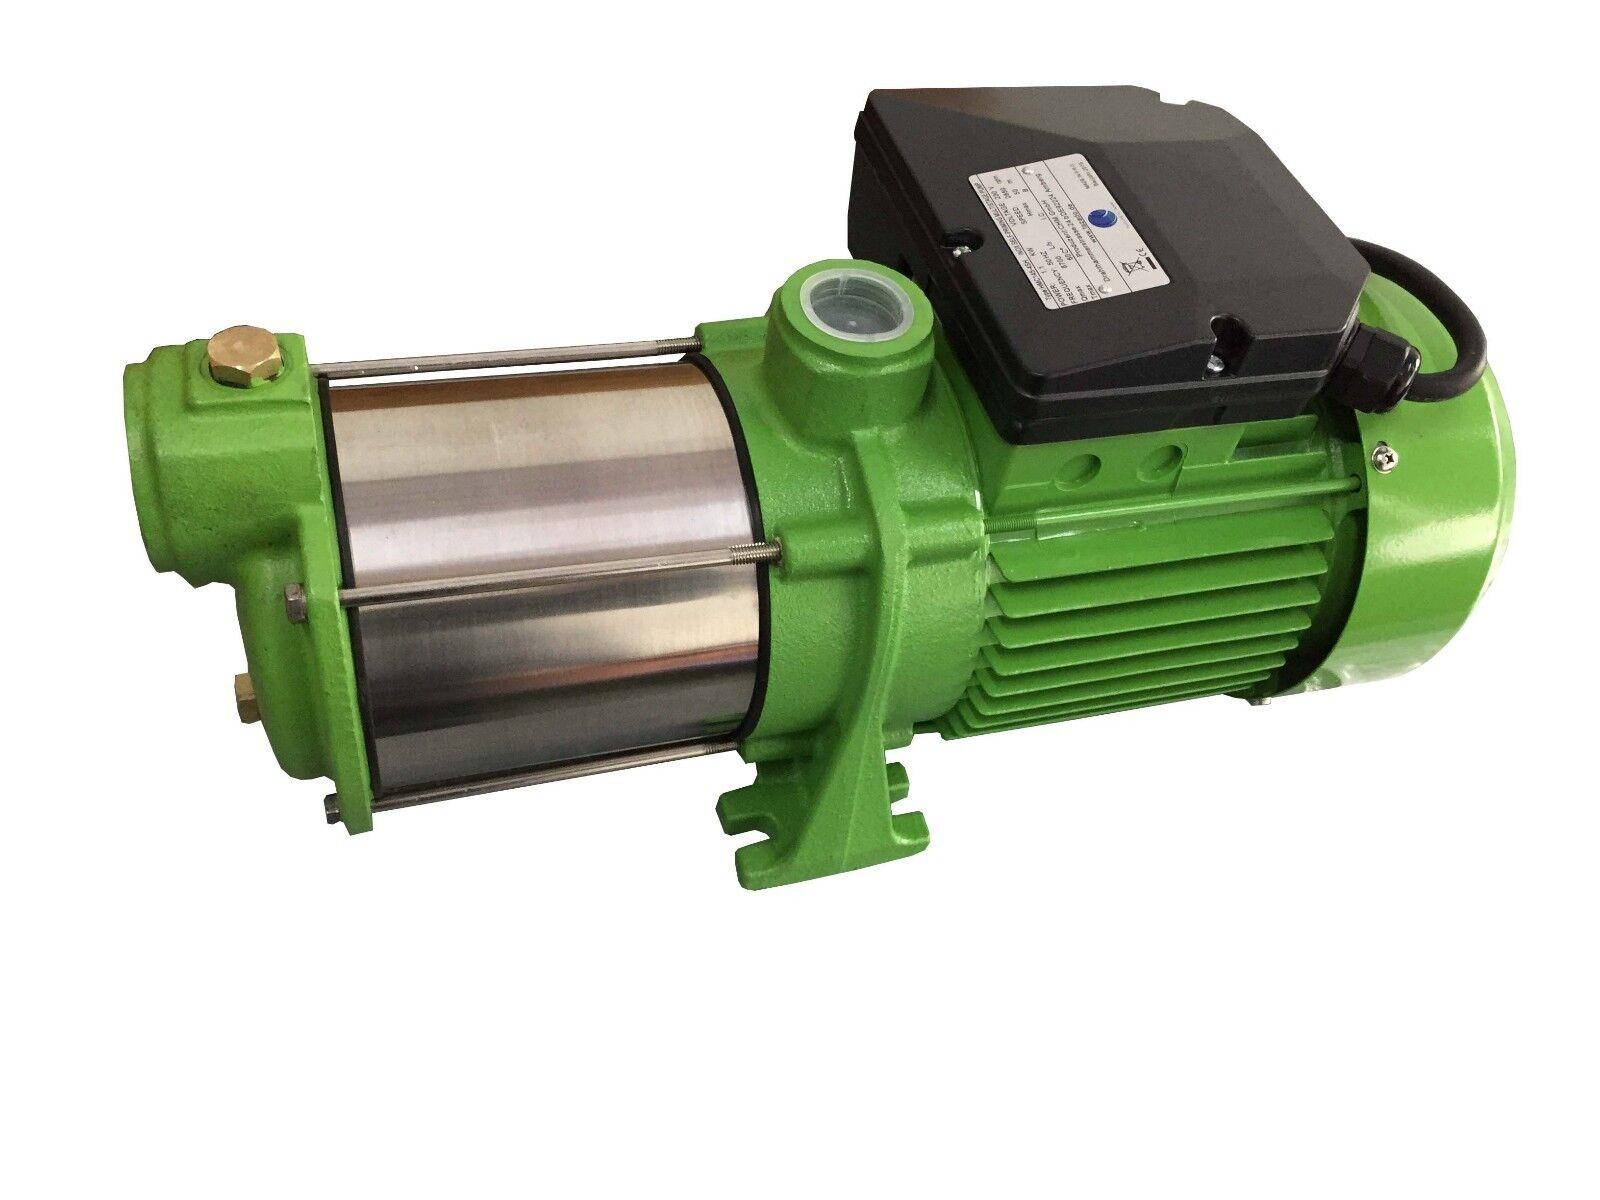 CHM GmbH Kreiselpumpe Edelstahl 1,1 Kw 9000 L/h Gartenpumpe Pumpe Hauswasserwerk